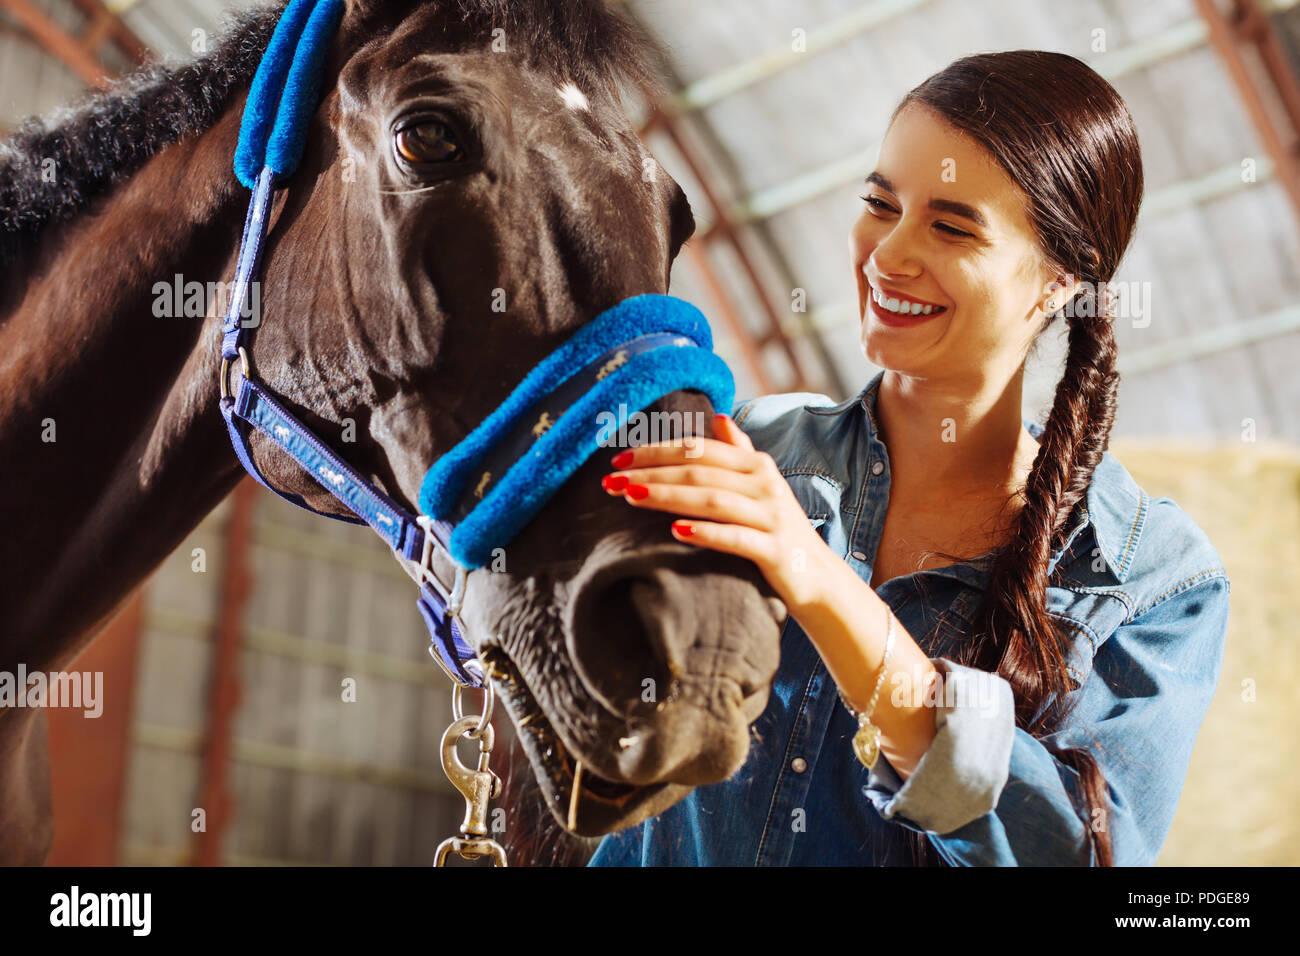 Hermosa mujer con uñas rojo sonriente mirando a caballo Imagen De Stock